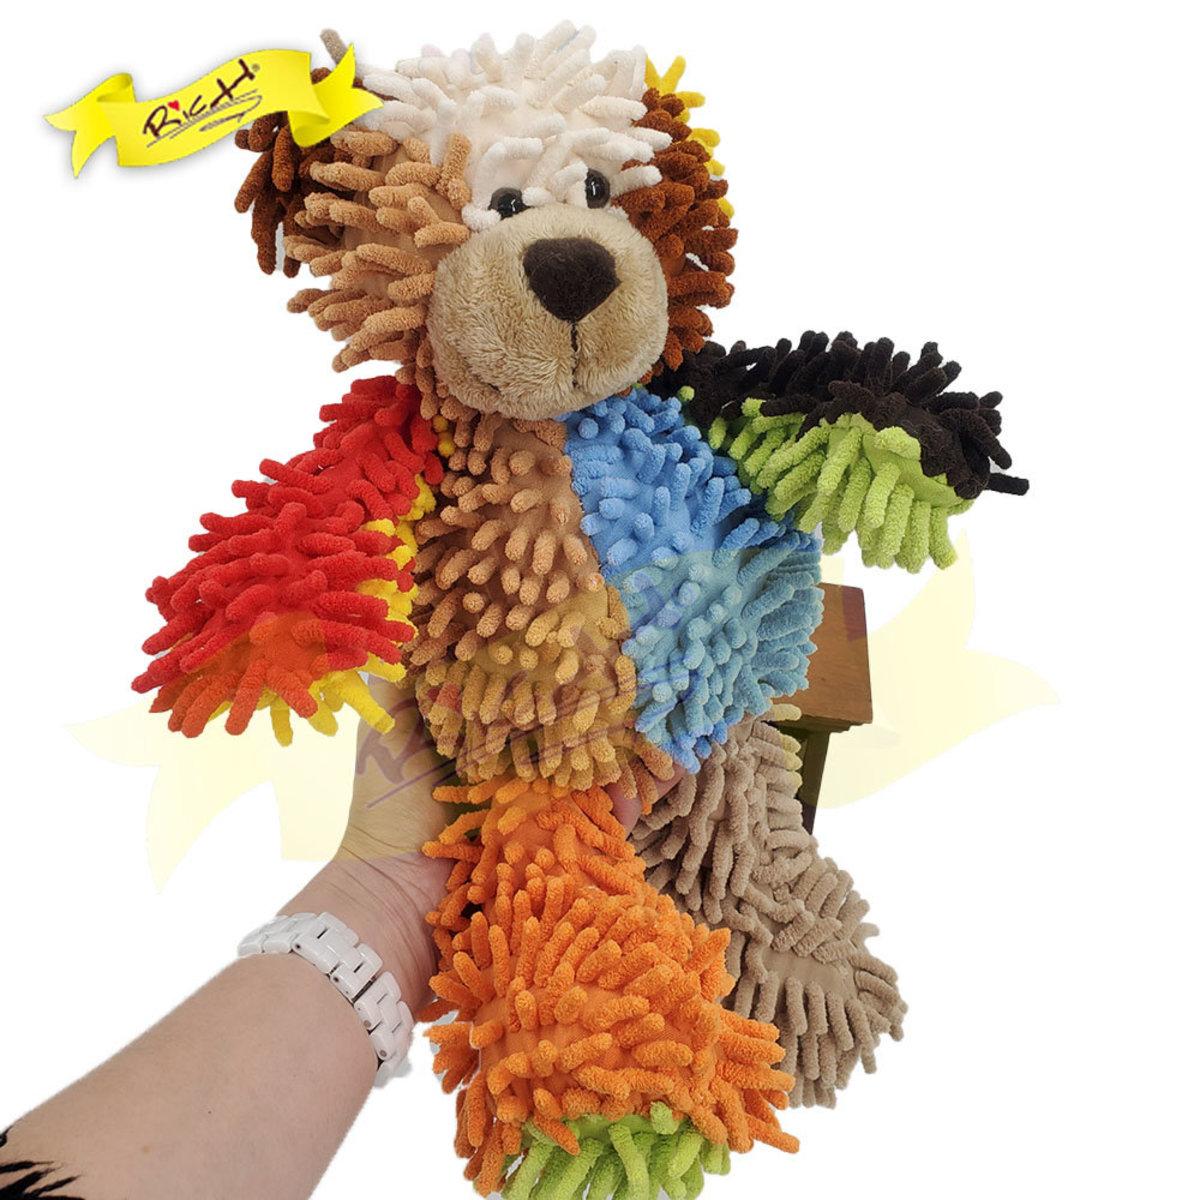 Color Rich - Colorful Patchwork Bear